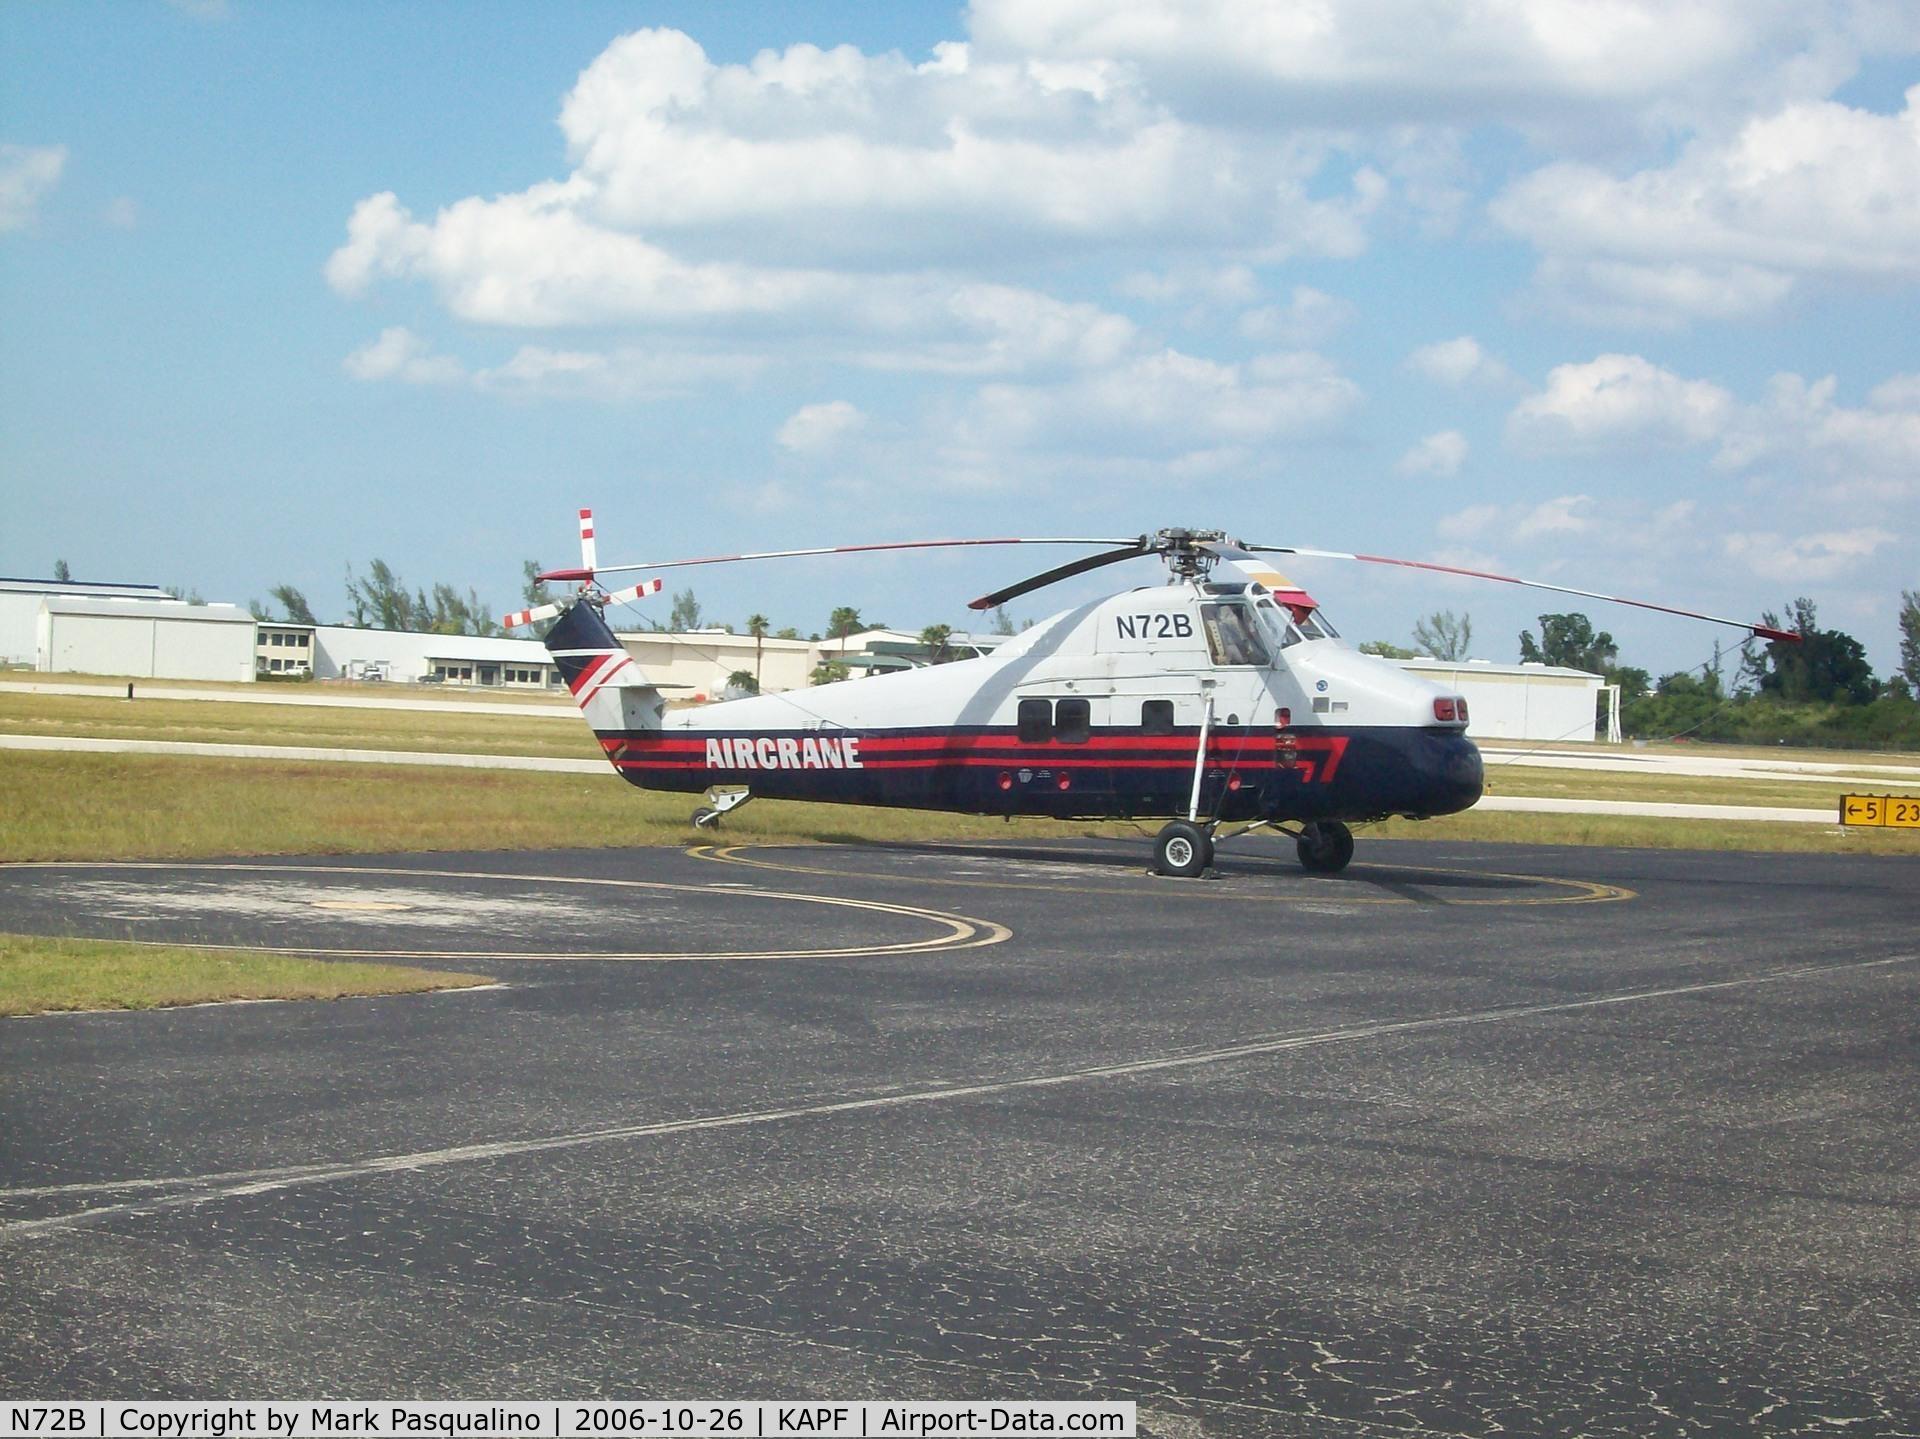 N72B, 1963 Sikorsky S-58T C/N 58-1626, S-58T